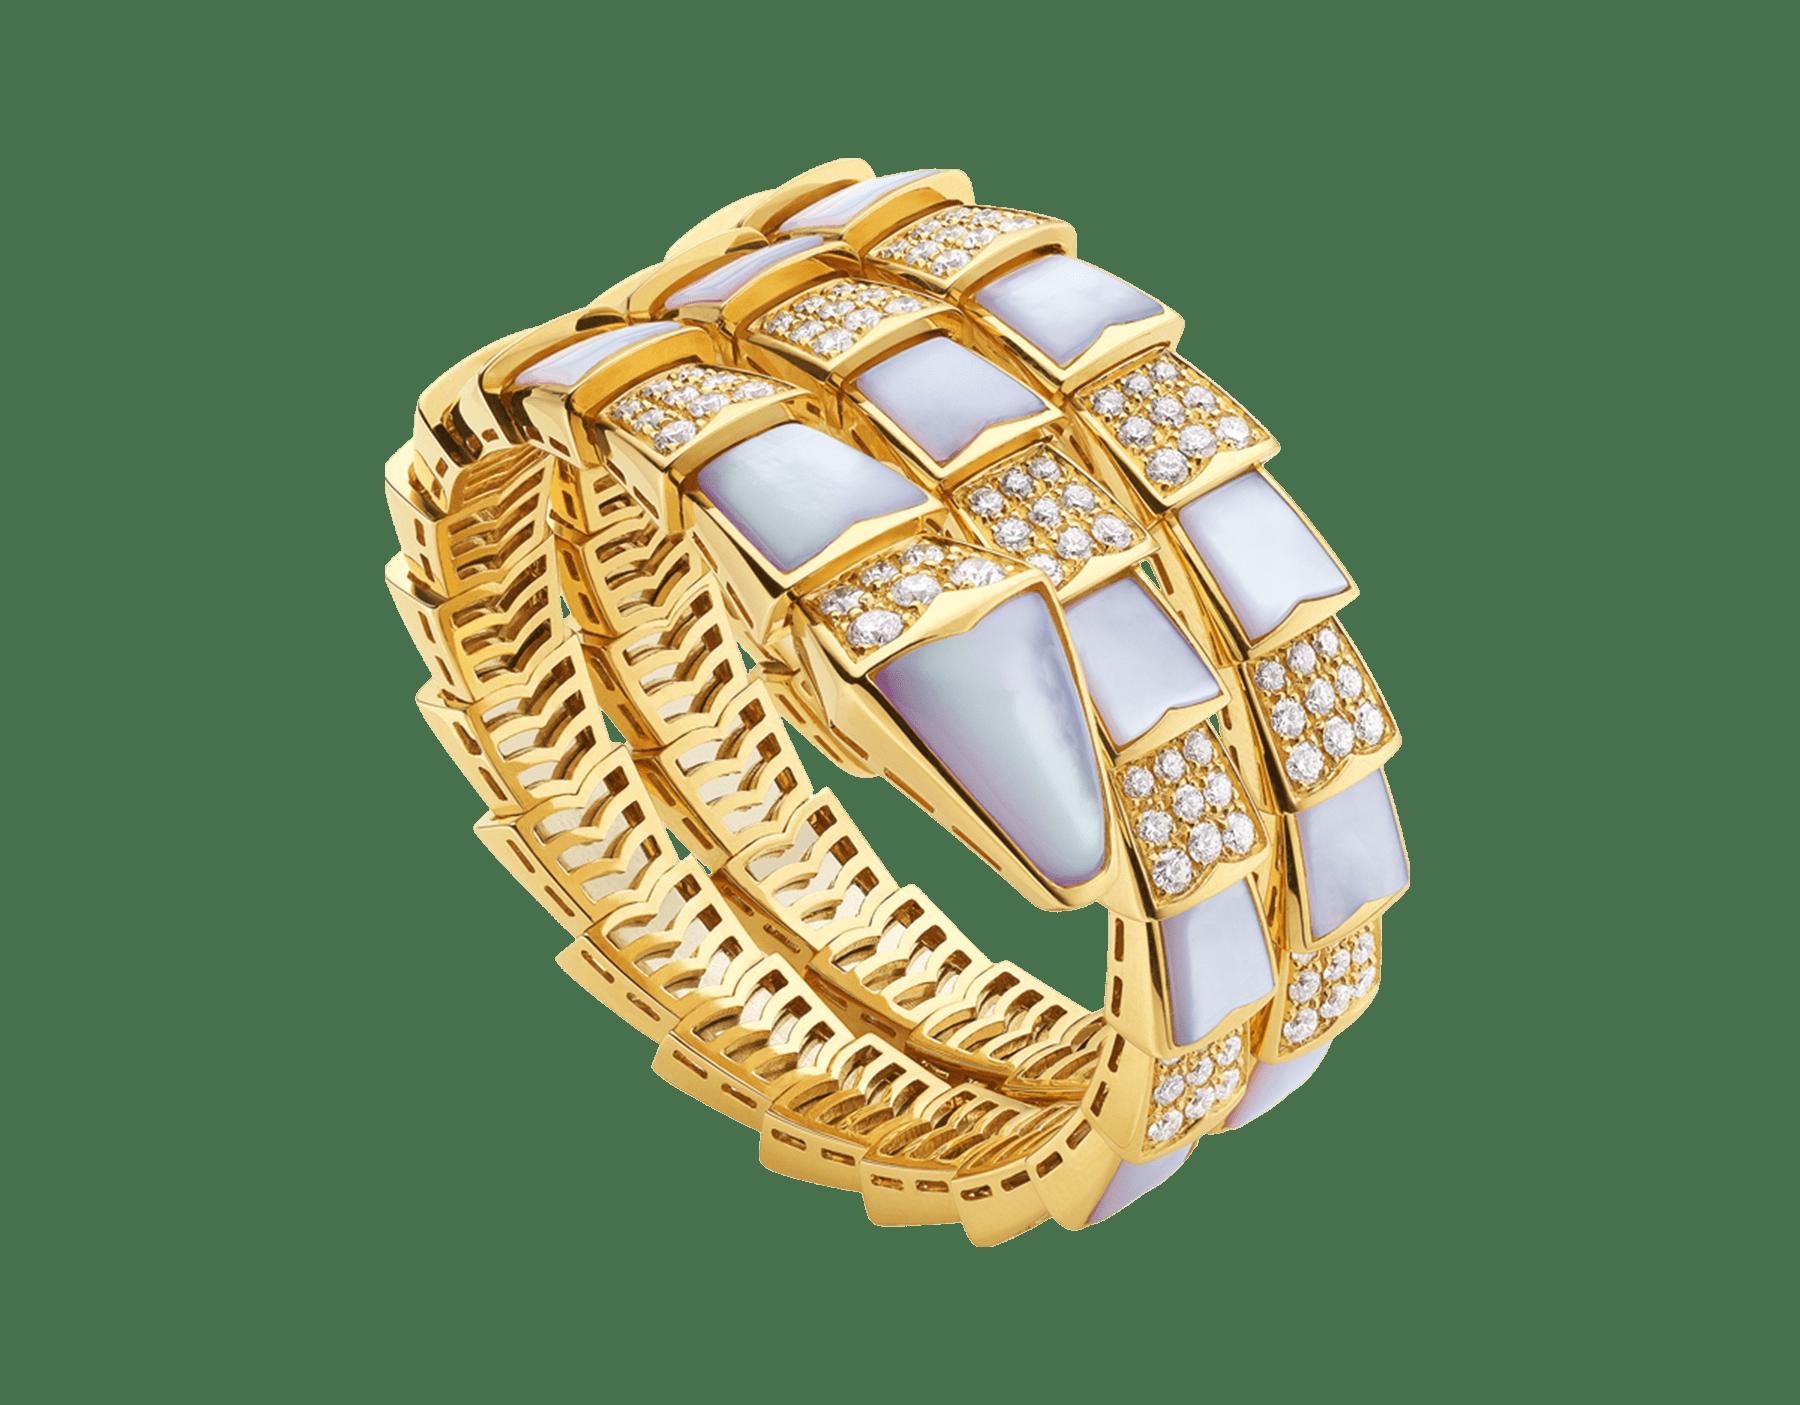 Enrolando-se sinuosamente no pulso, a pulseira Serpenti seduz com a vibração do ouro amarelo, emoldurando brilhantes escamas de madrepérola e diamantes cravejados. 345202 image 1